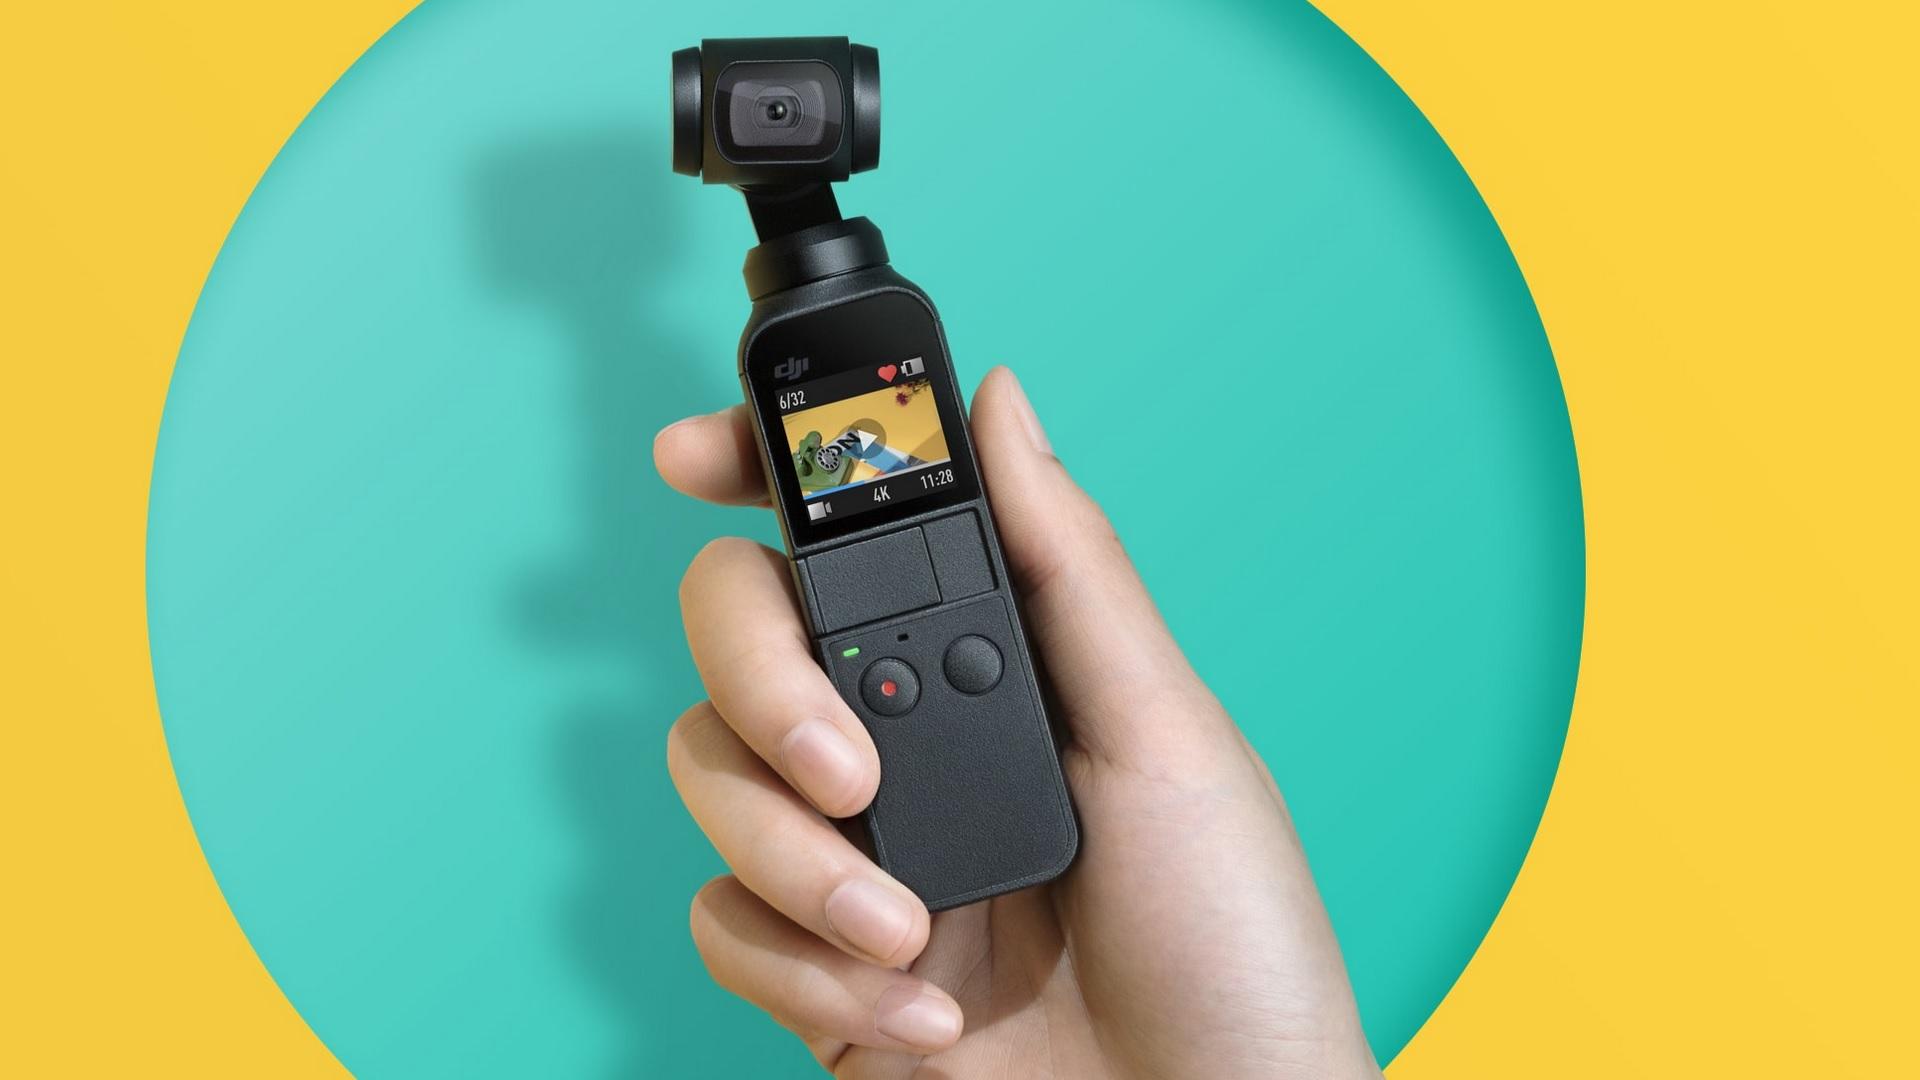 DJIがOsmo Pocketを発売 - 3軸スタビライザー付き4K/60pカメラ